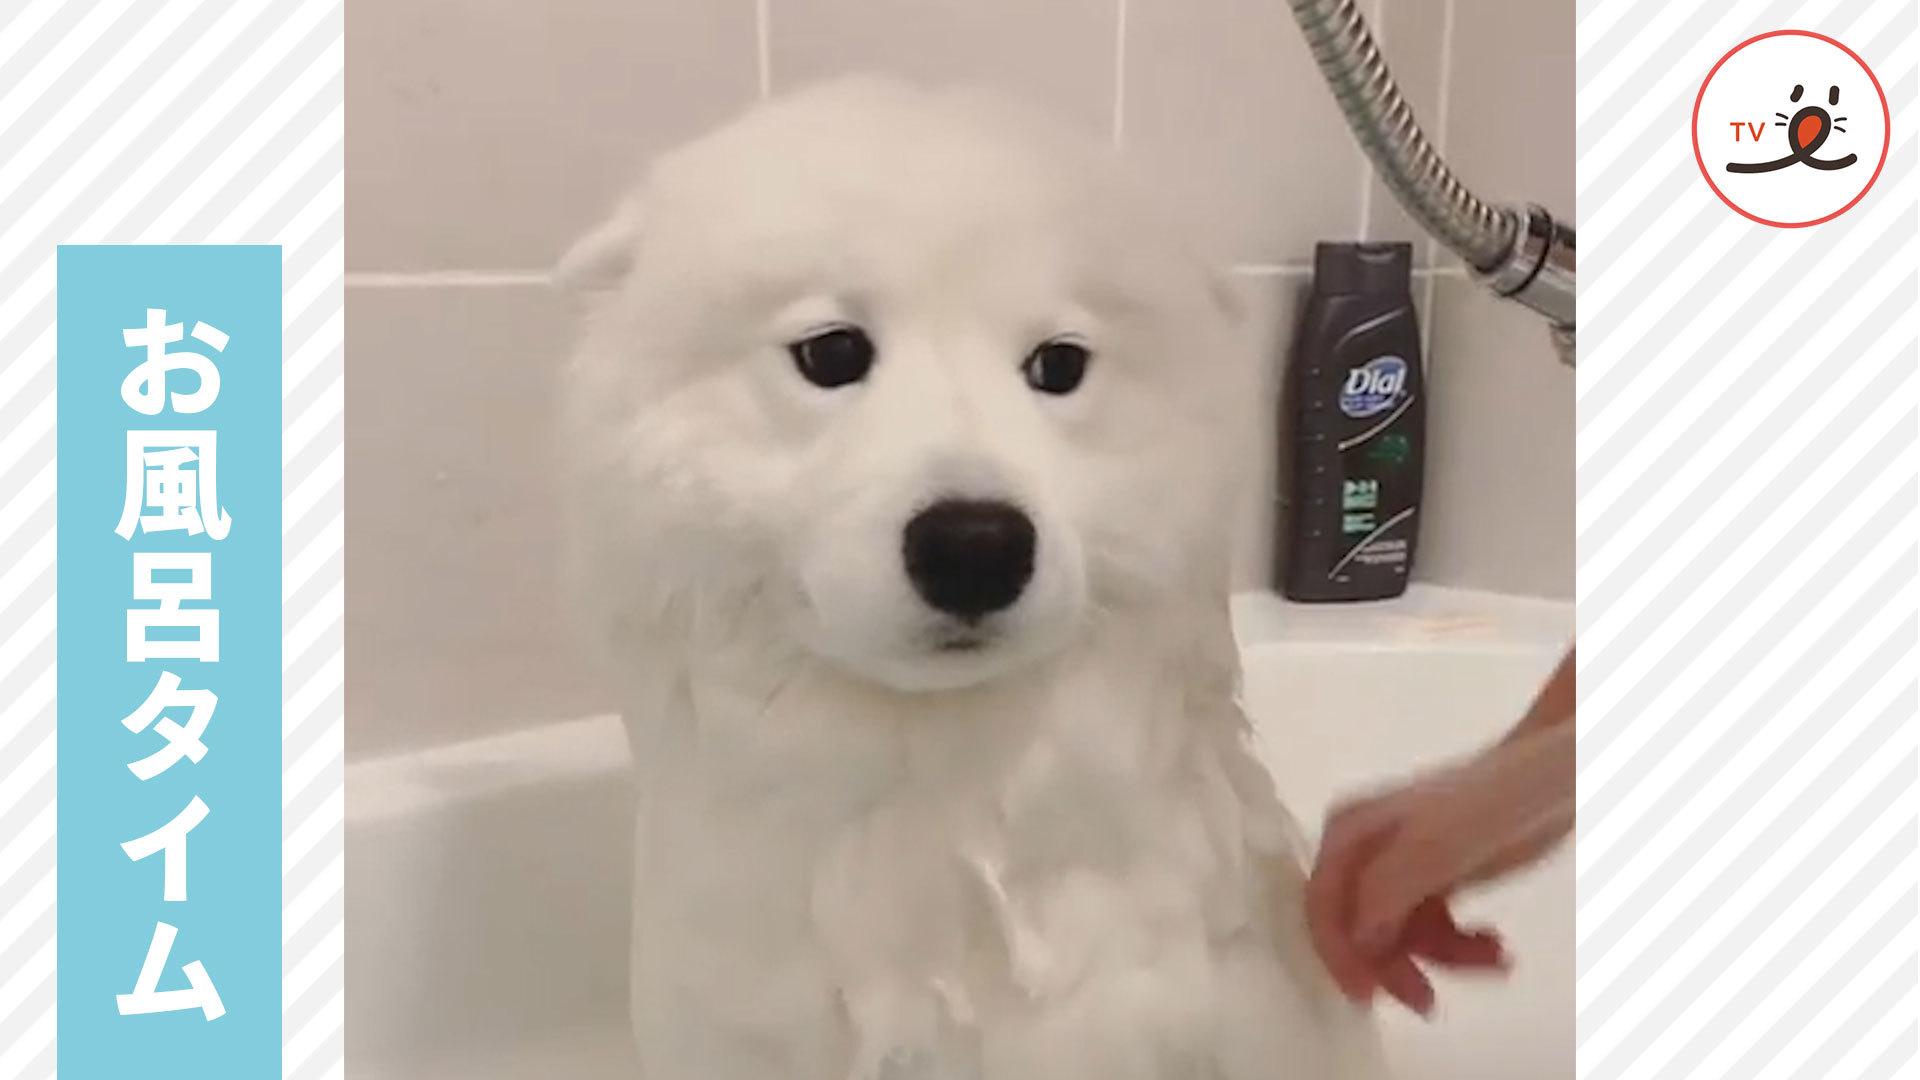 お風呂に入るサモエド犬🚿 その何ともいえない表情がかわいい😶❣️